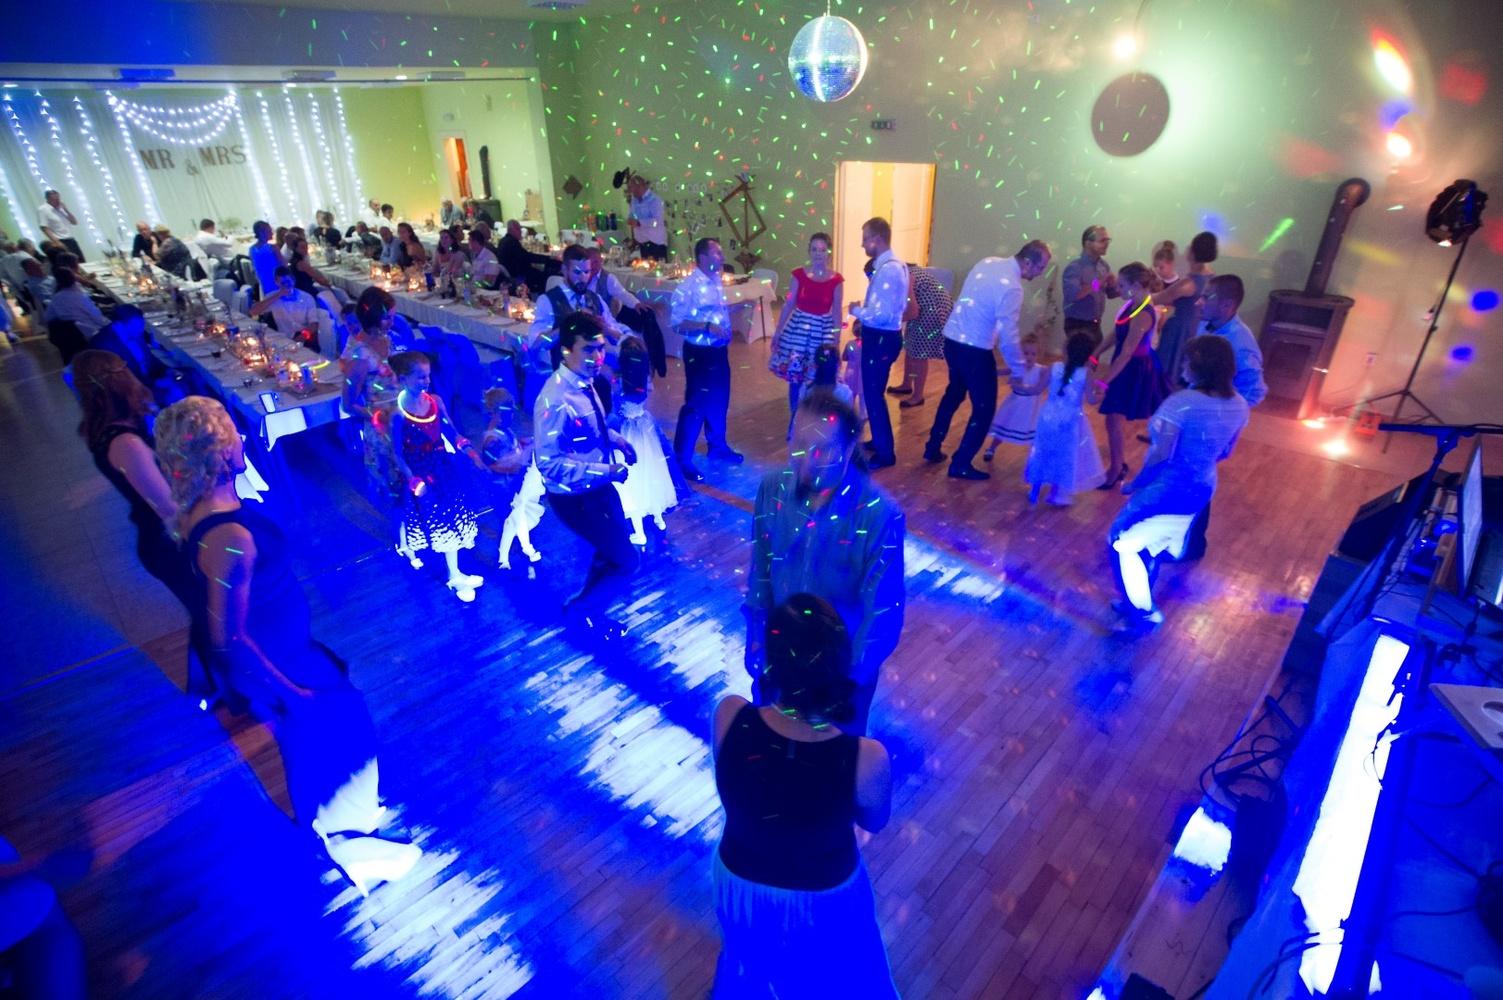 http://www.fotoz.sk/images/gallery-8/normal/eskuvoi-fotos_svadobny-fotograf_563.jpg